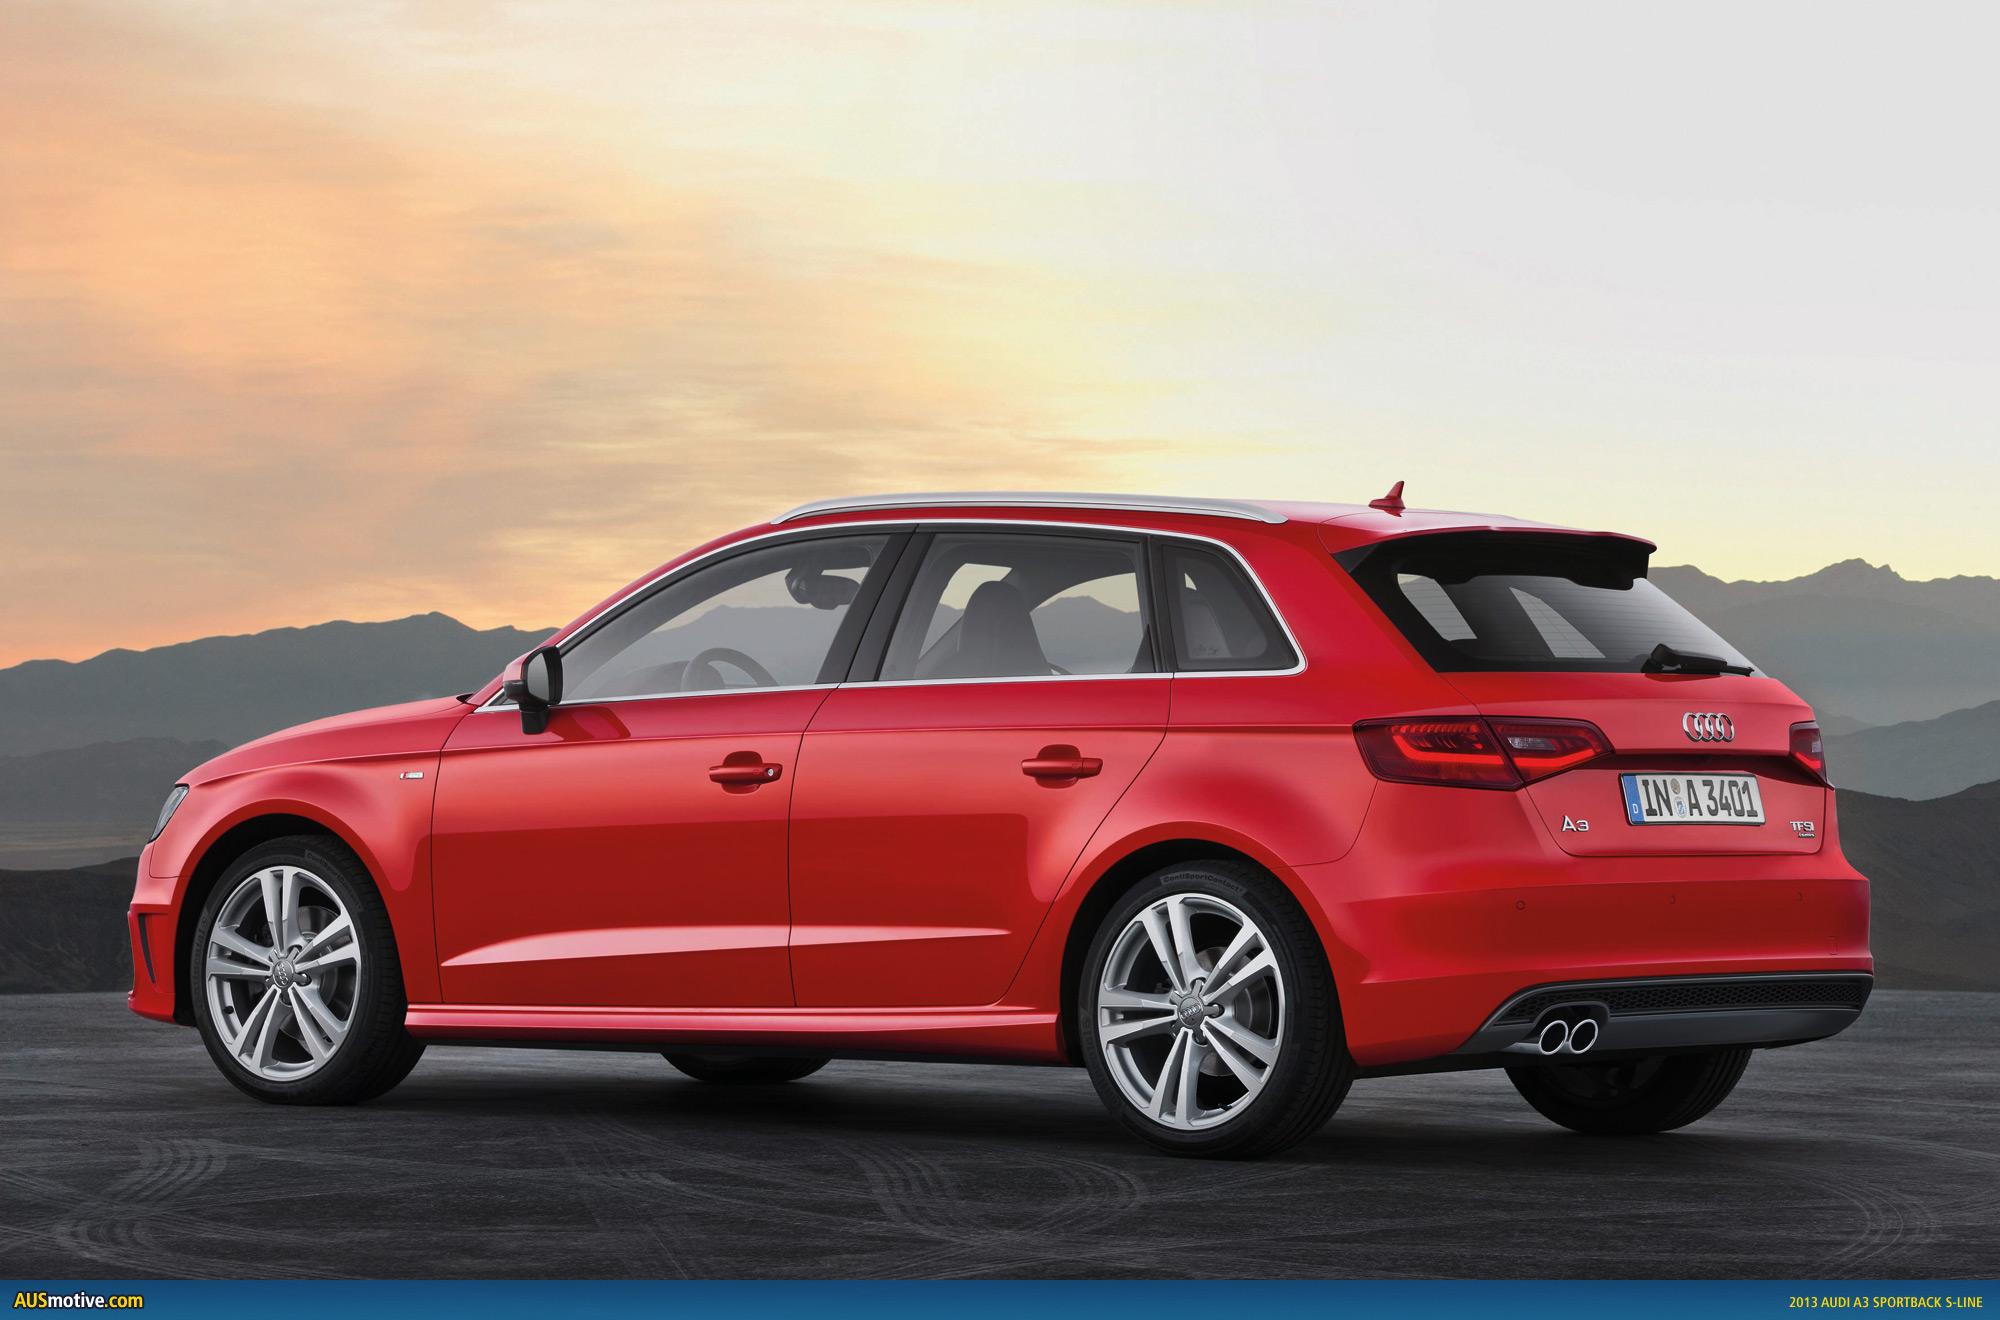 AUSmotive.com » 2013 Audi A3 Sportback revealed